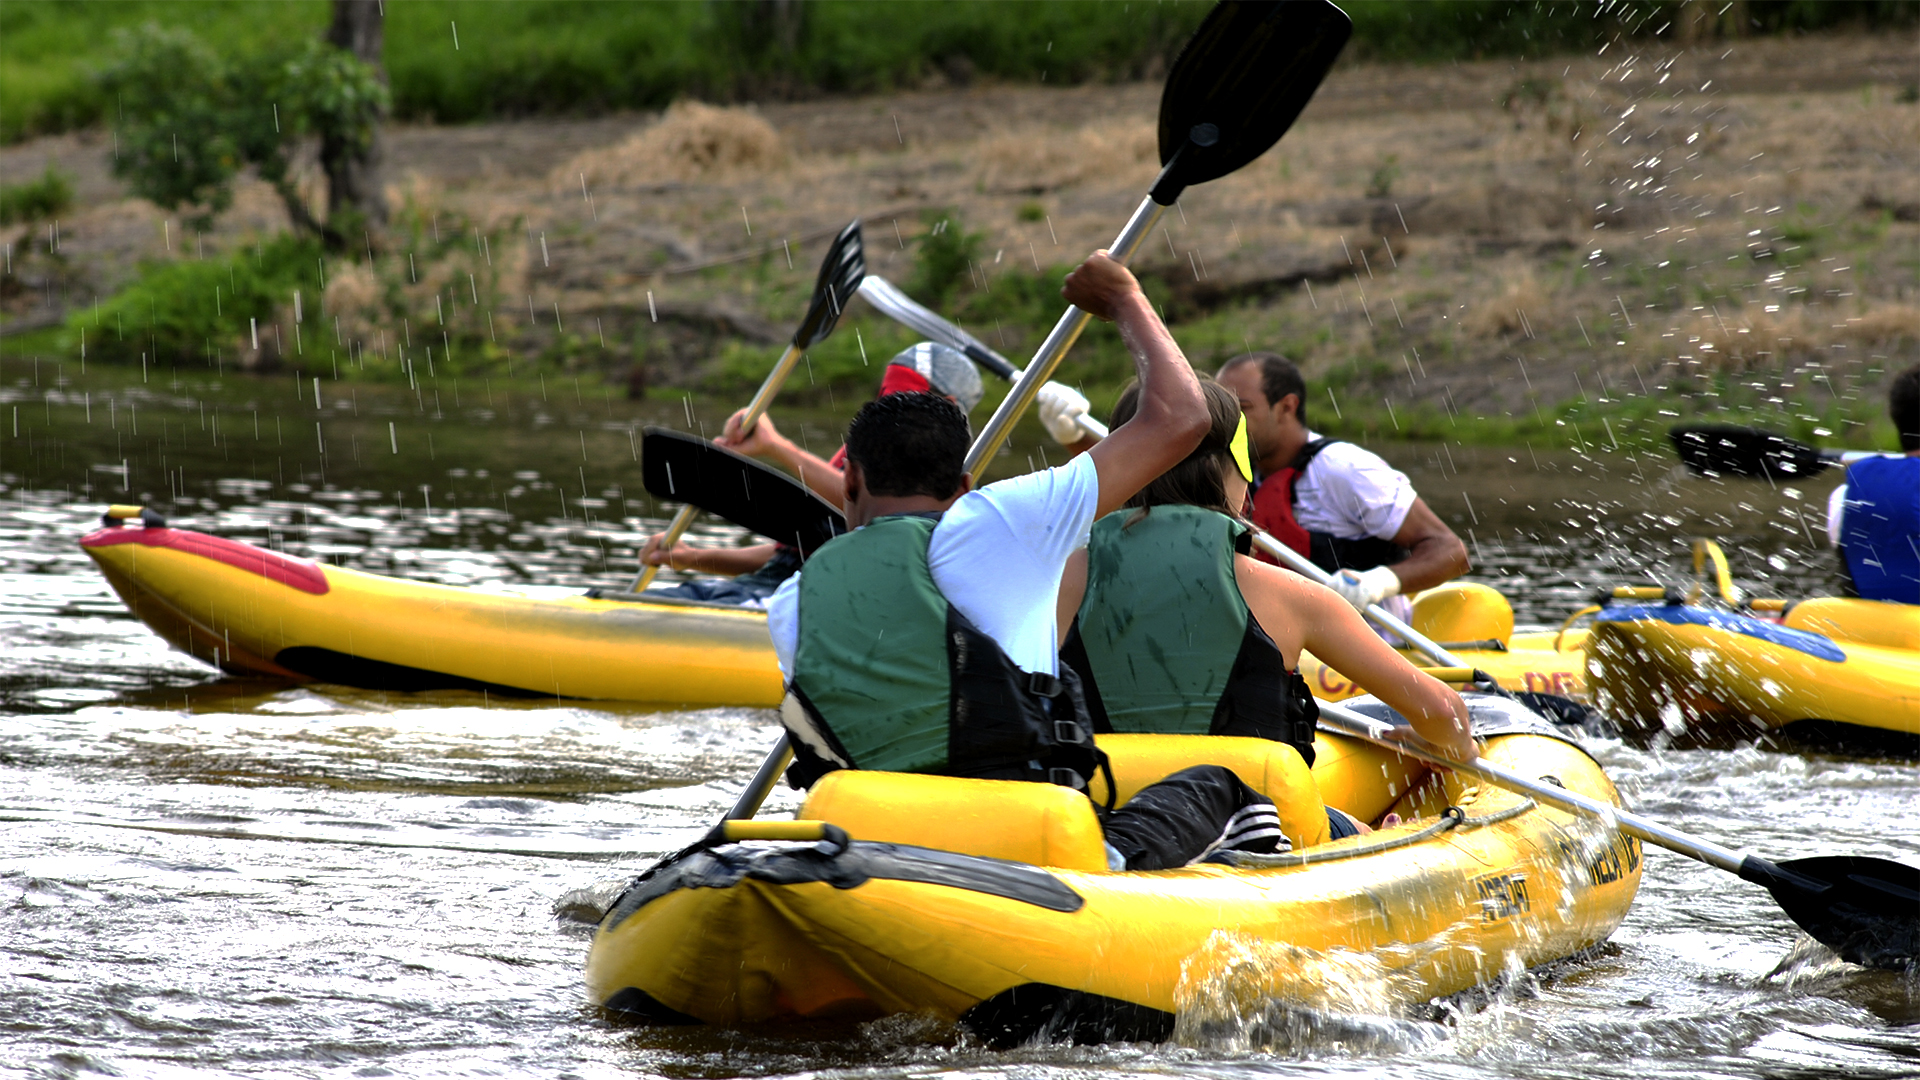 Duas pessoas na canoa indo em direção ao canto superior direito da imagem. Ao fundo é possível ver outra canoa com duas pessoas indo em direção ao lado esquerdo da foto. Existe movimentação e respingos de água devido à ação de remar.